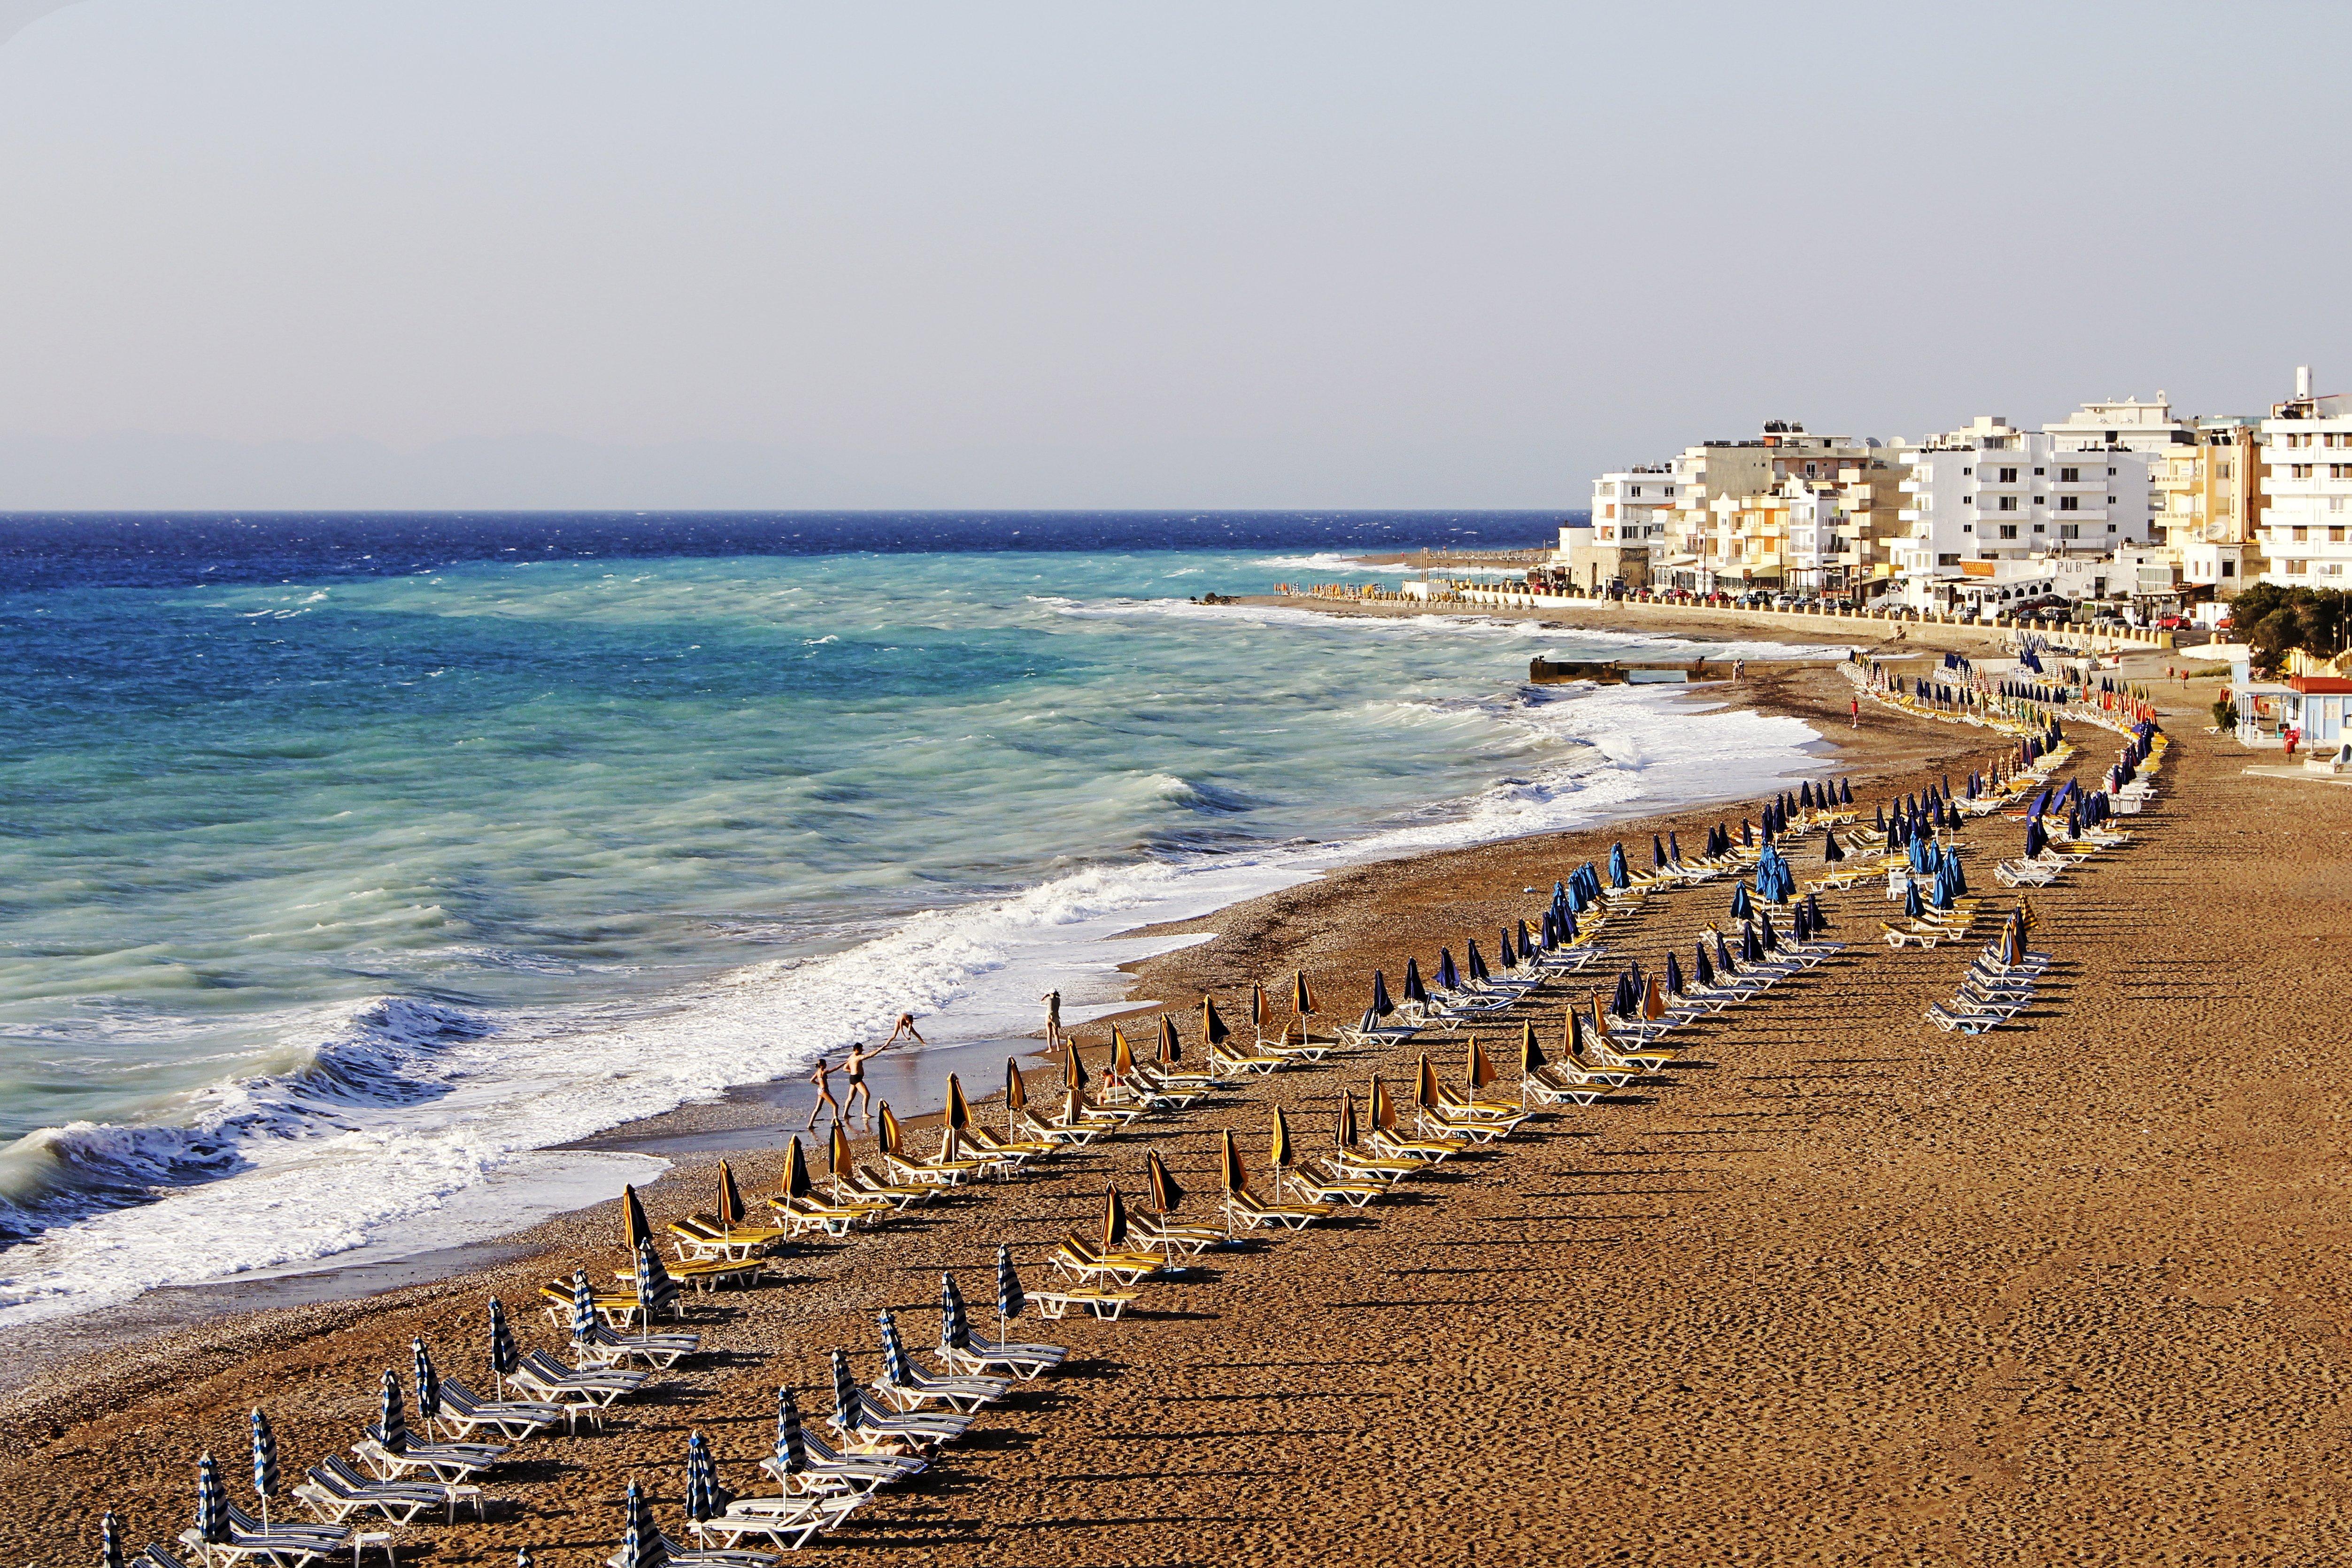 Маленький городок всего в 10 км от административного центра известен не историческими достопримечательностями, а пляжами, отлично подходящими для занятий серфингом и парусным спортом